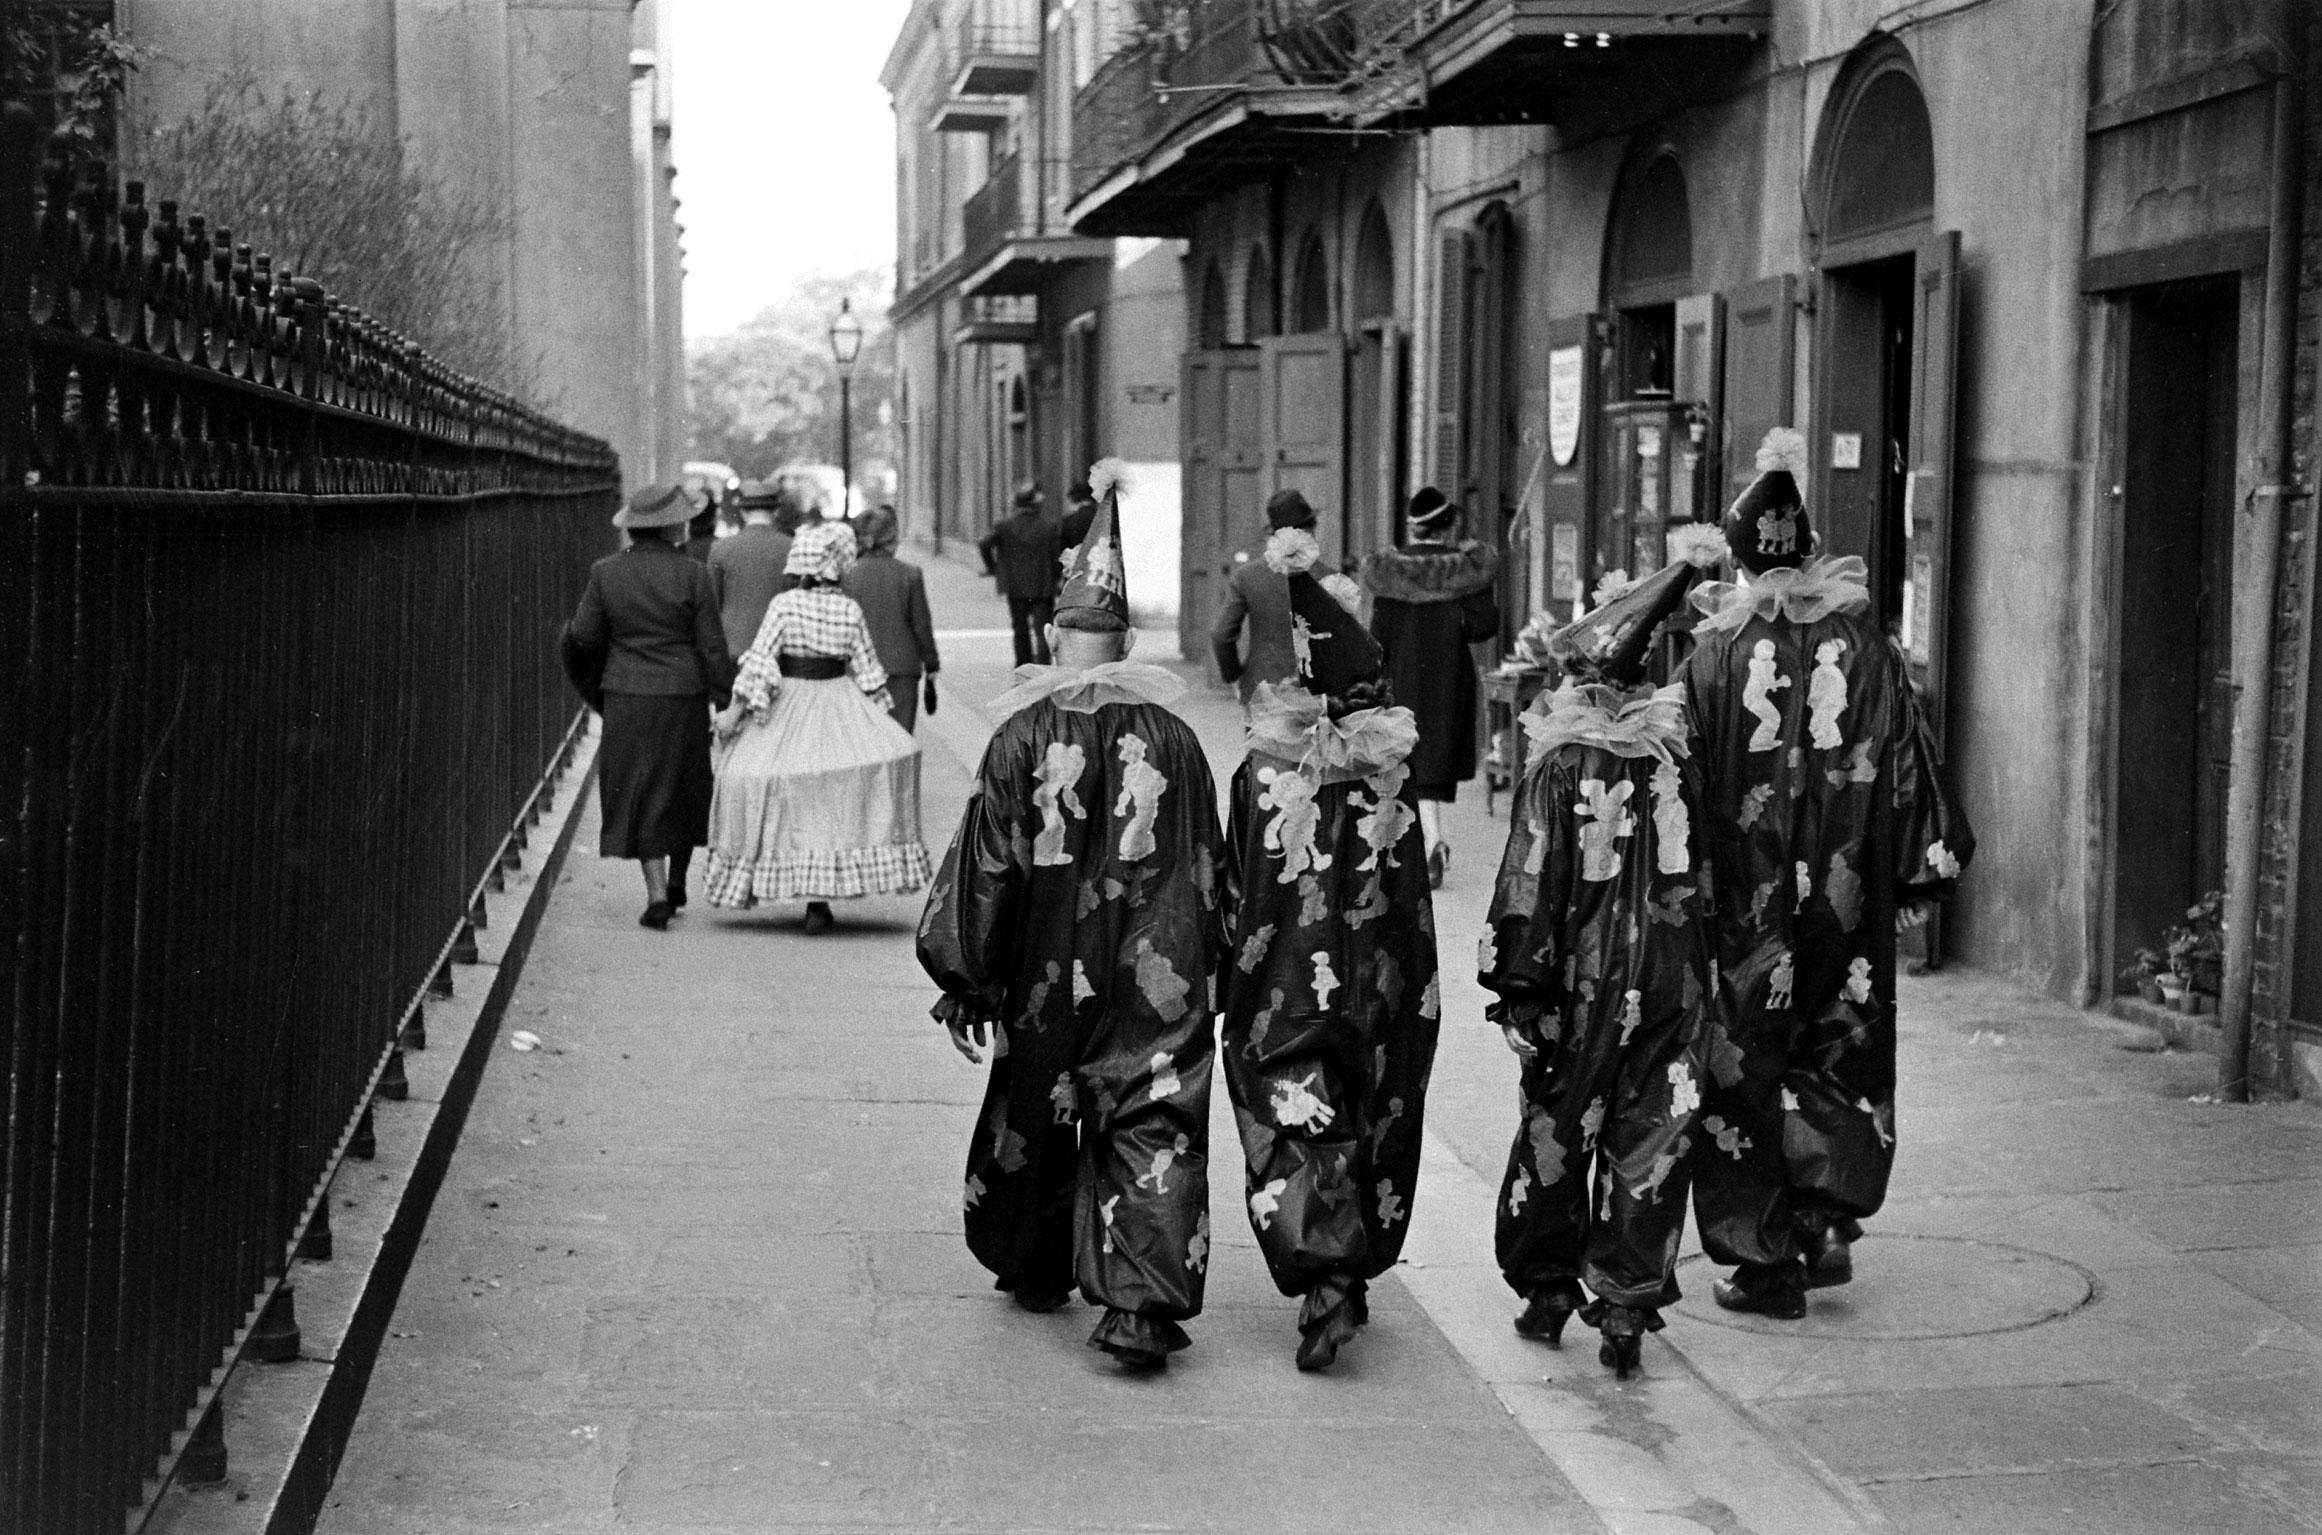 Mardi Gras revelers in costume, 1938.